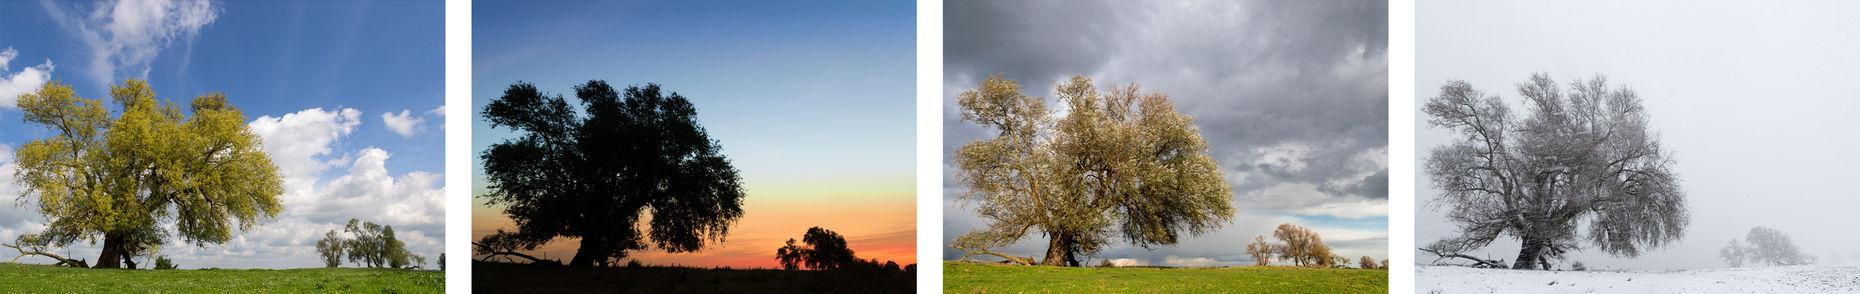 Vierluik seizoenen van een wilg